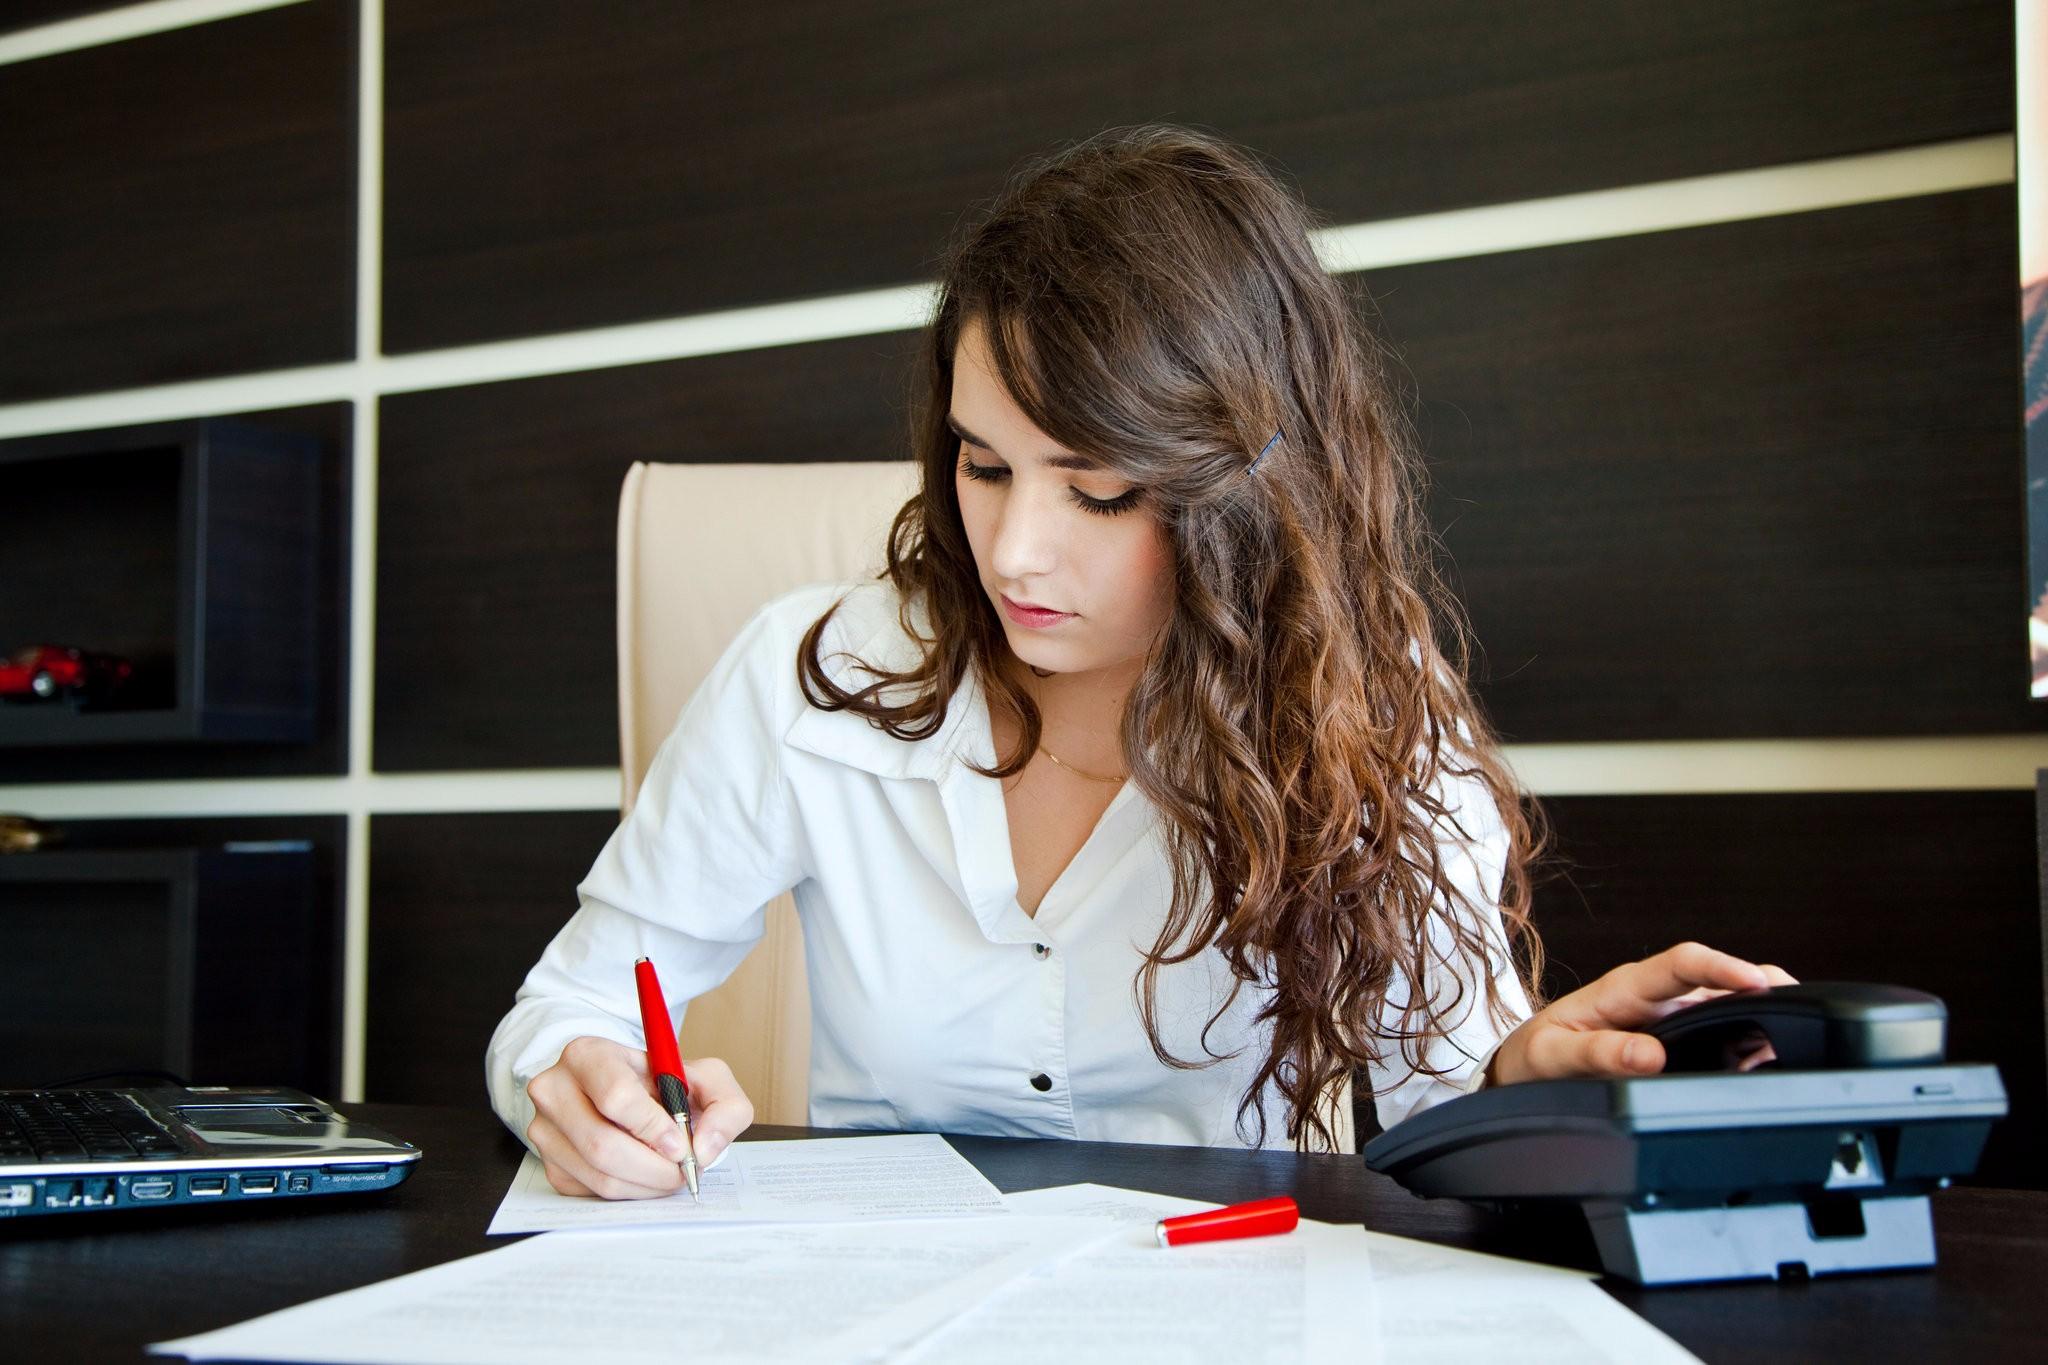 Cách làm CV hoàn chỉnh dành cho ứng viên